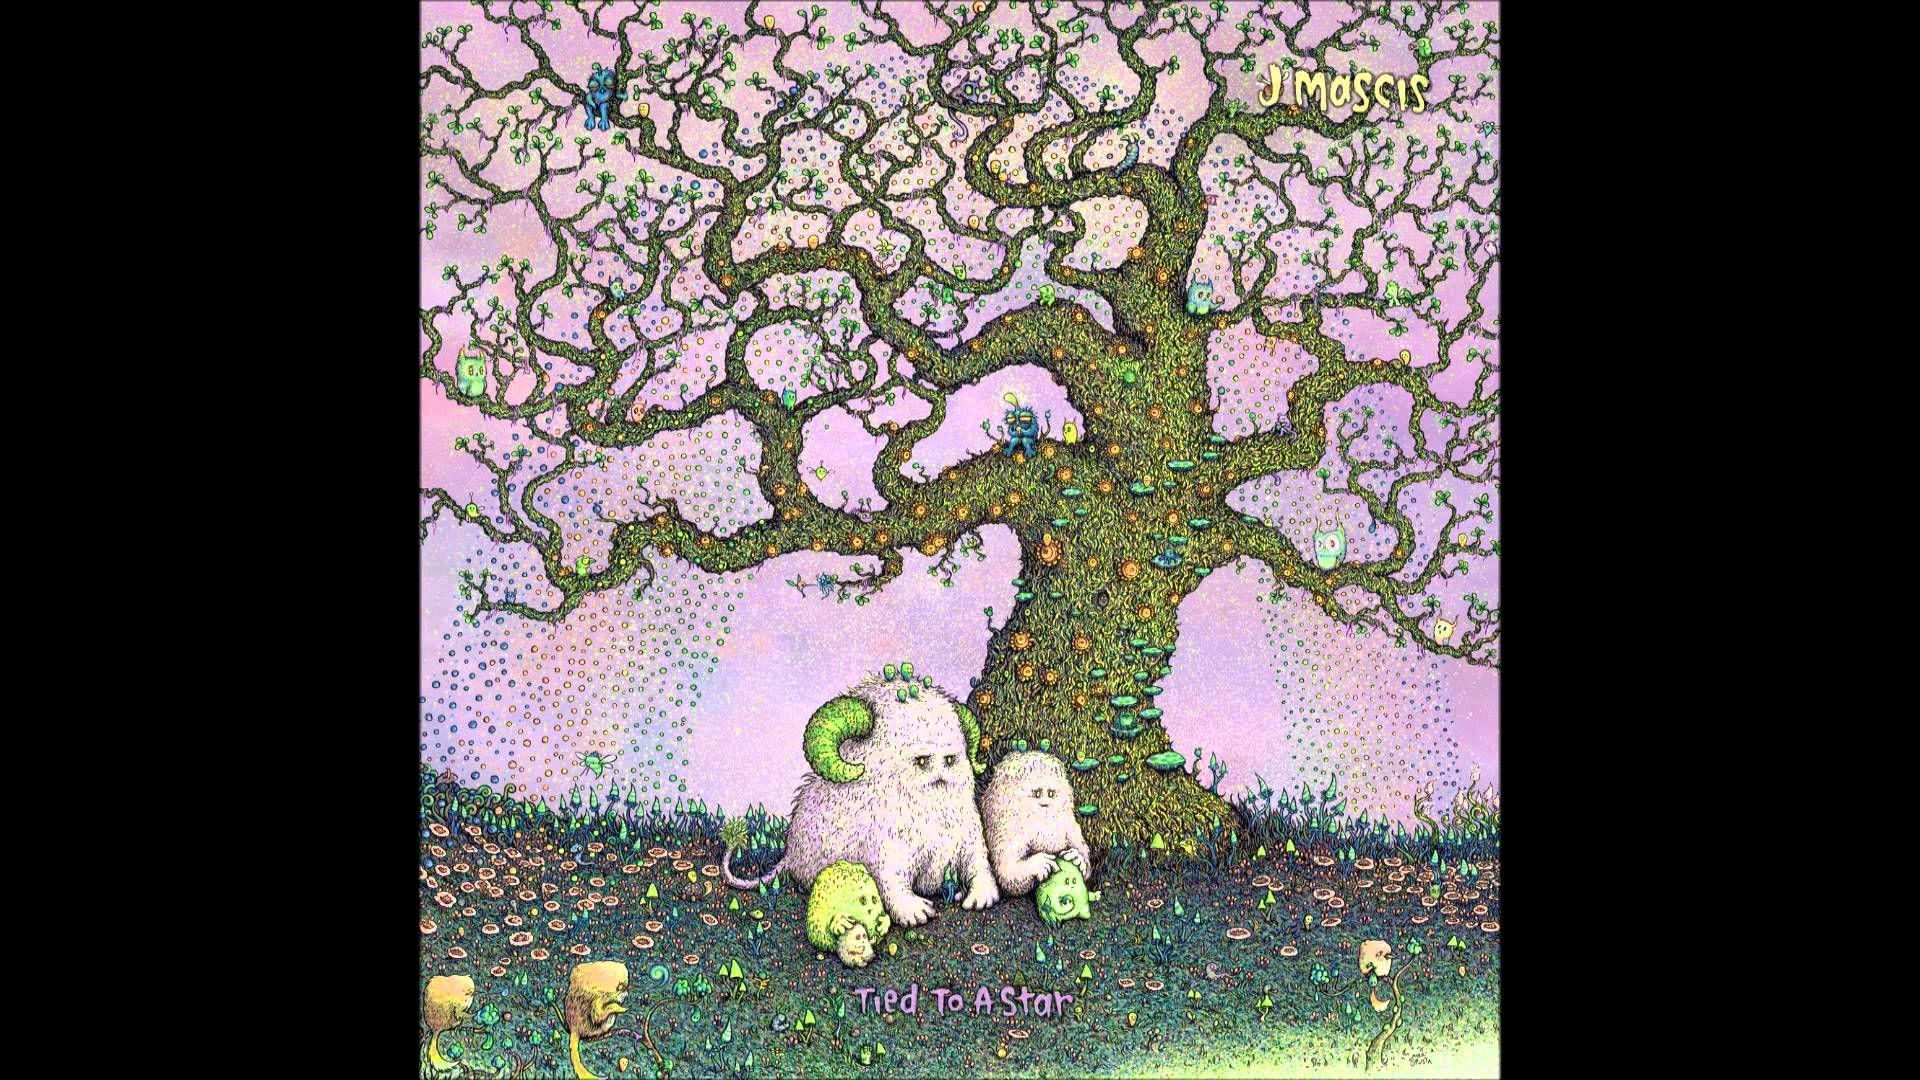 J Mascis And Then Album Cover Art J Mascis Album Art